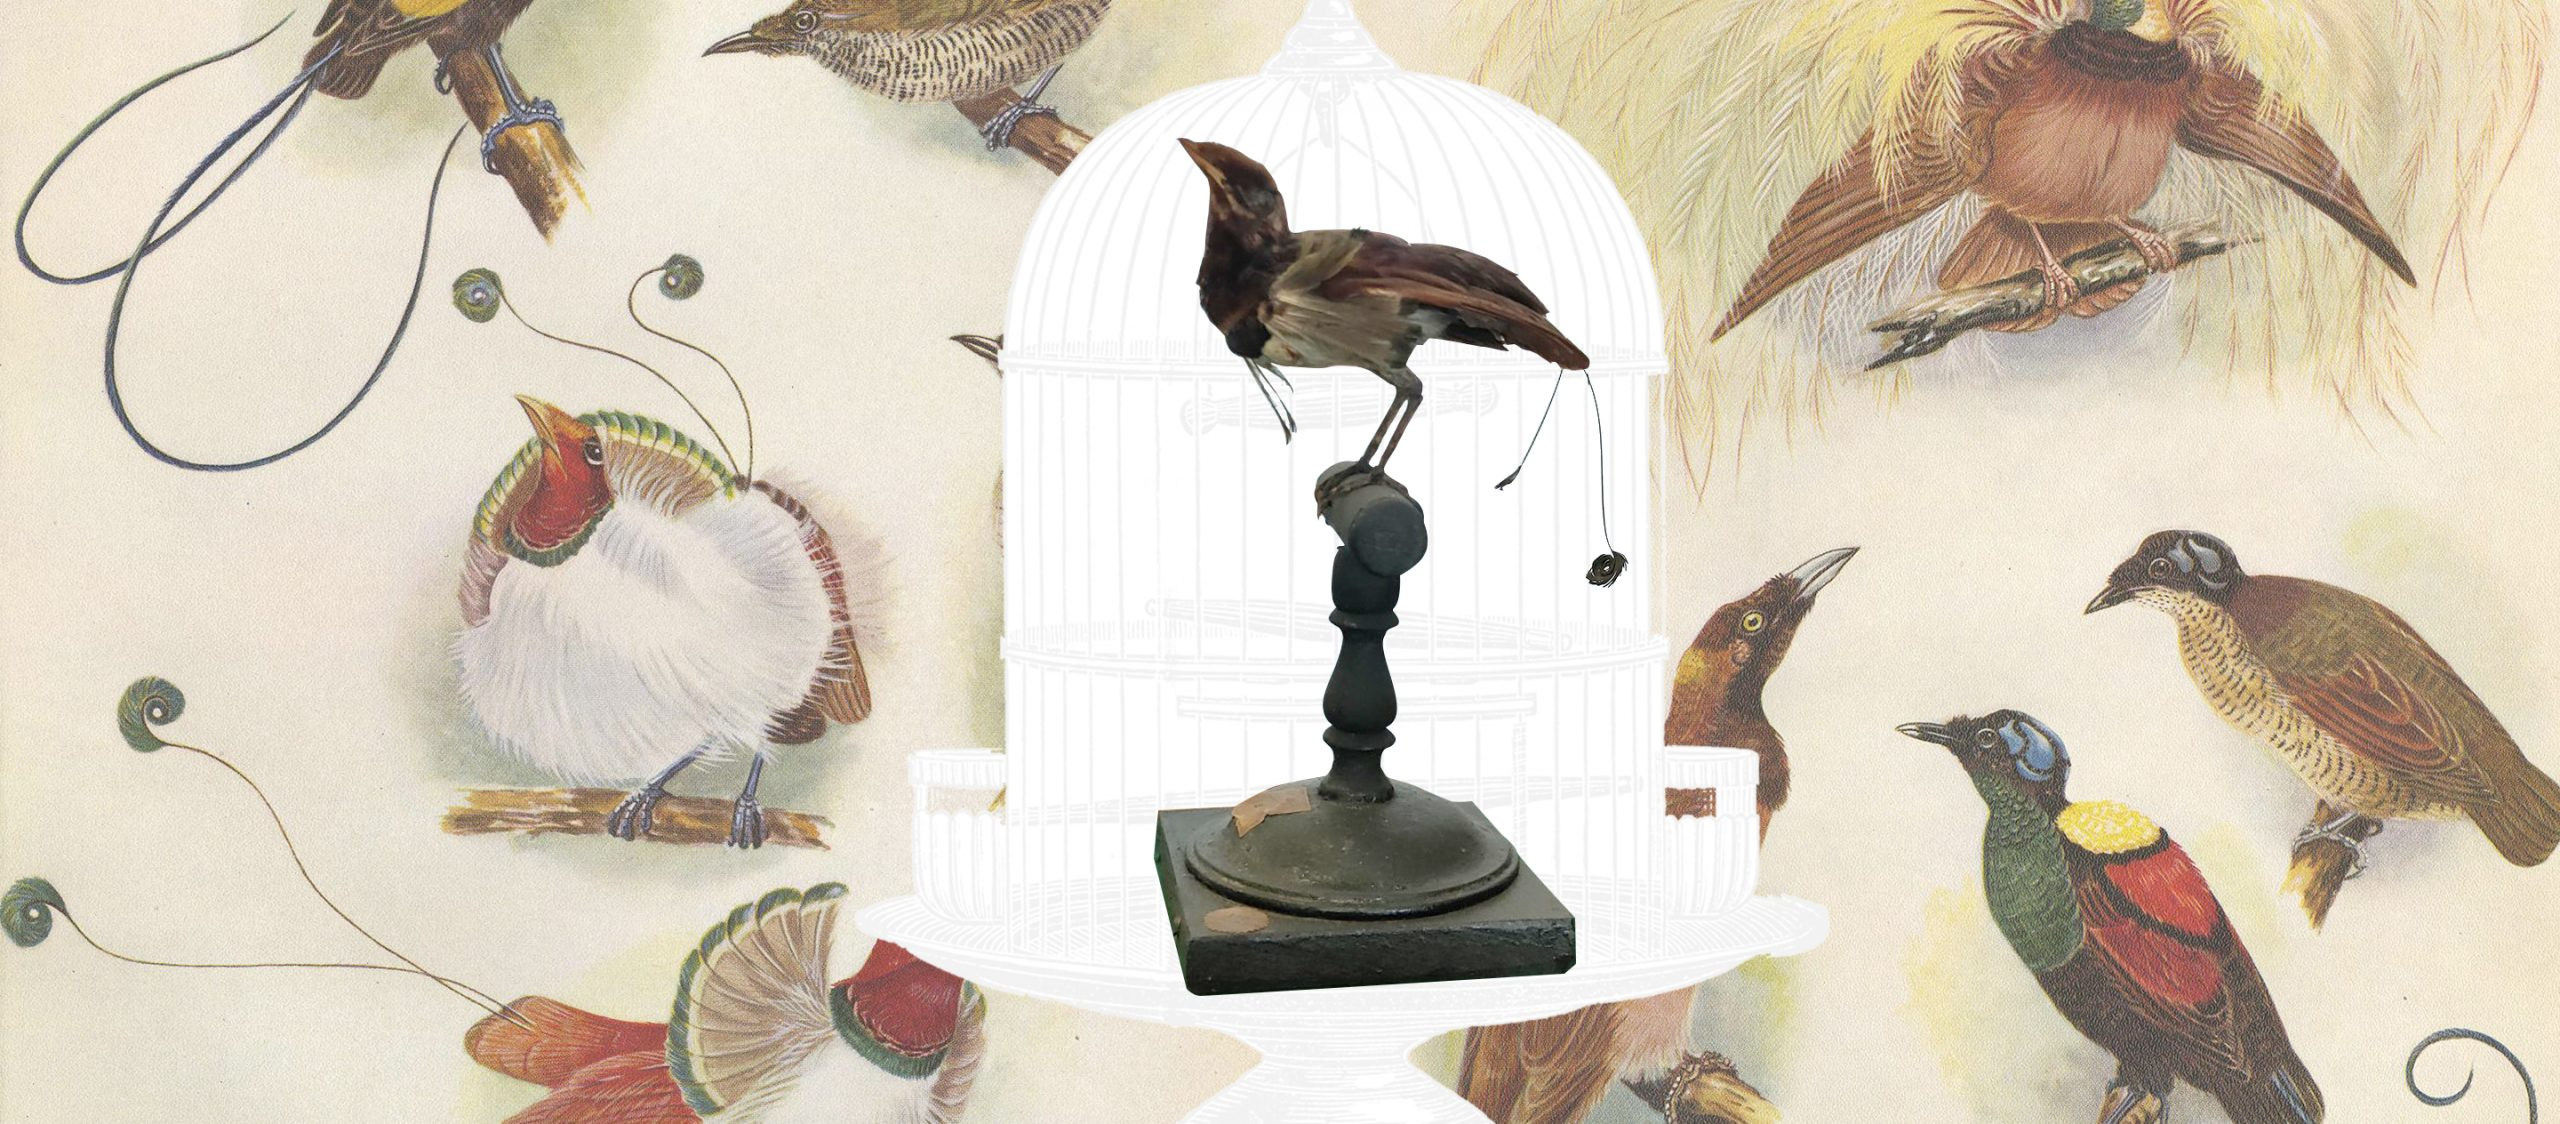 นกปักษาสวรรค์ในพิพิธภัณฑสถานธรรมชาติวิทยา จุฬาฯ